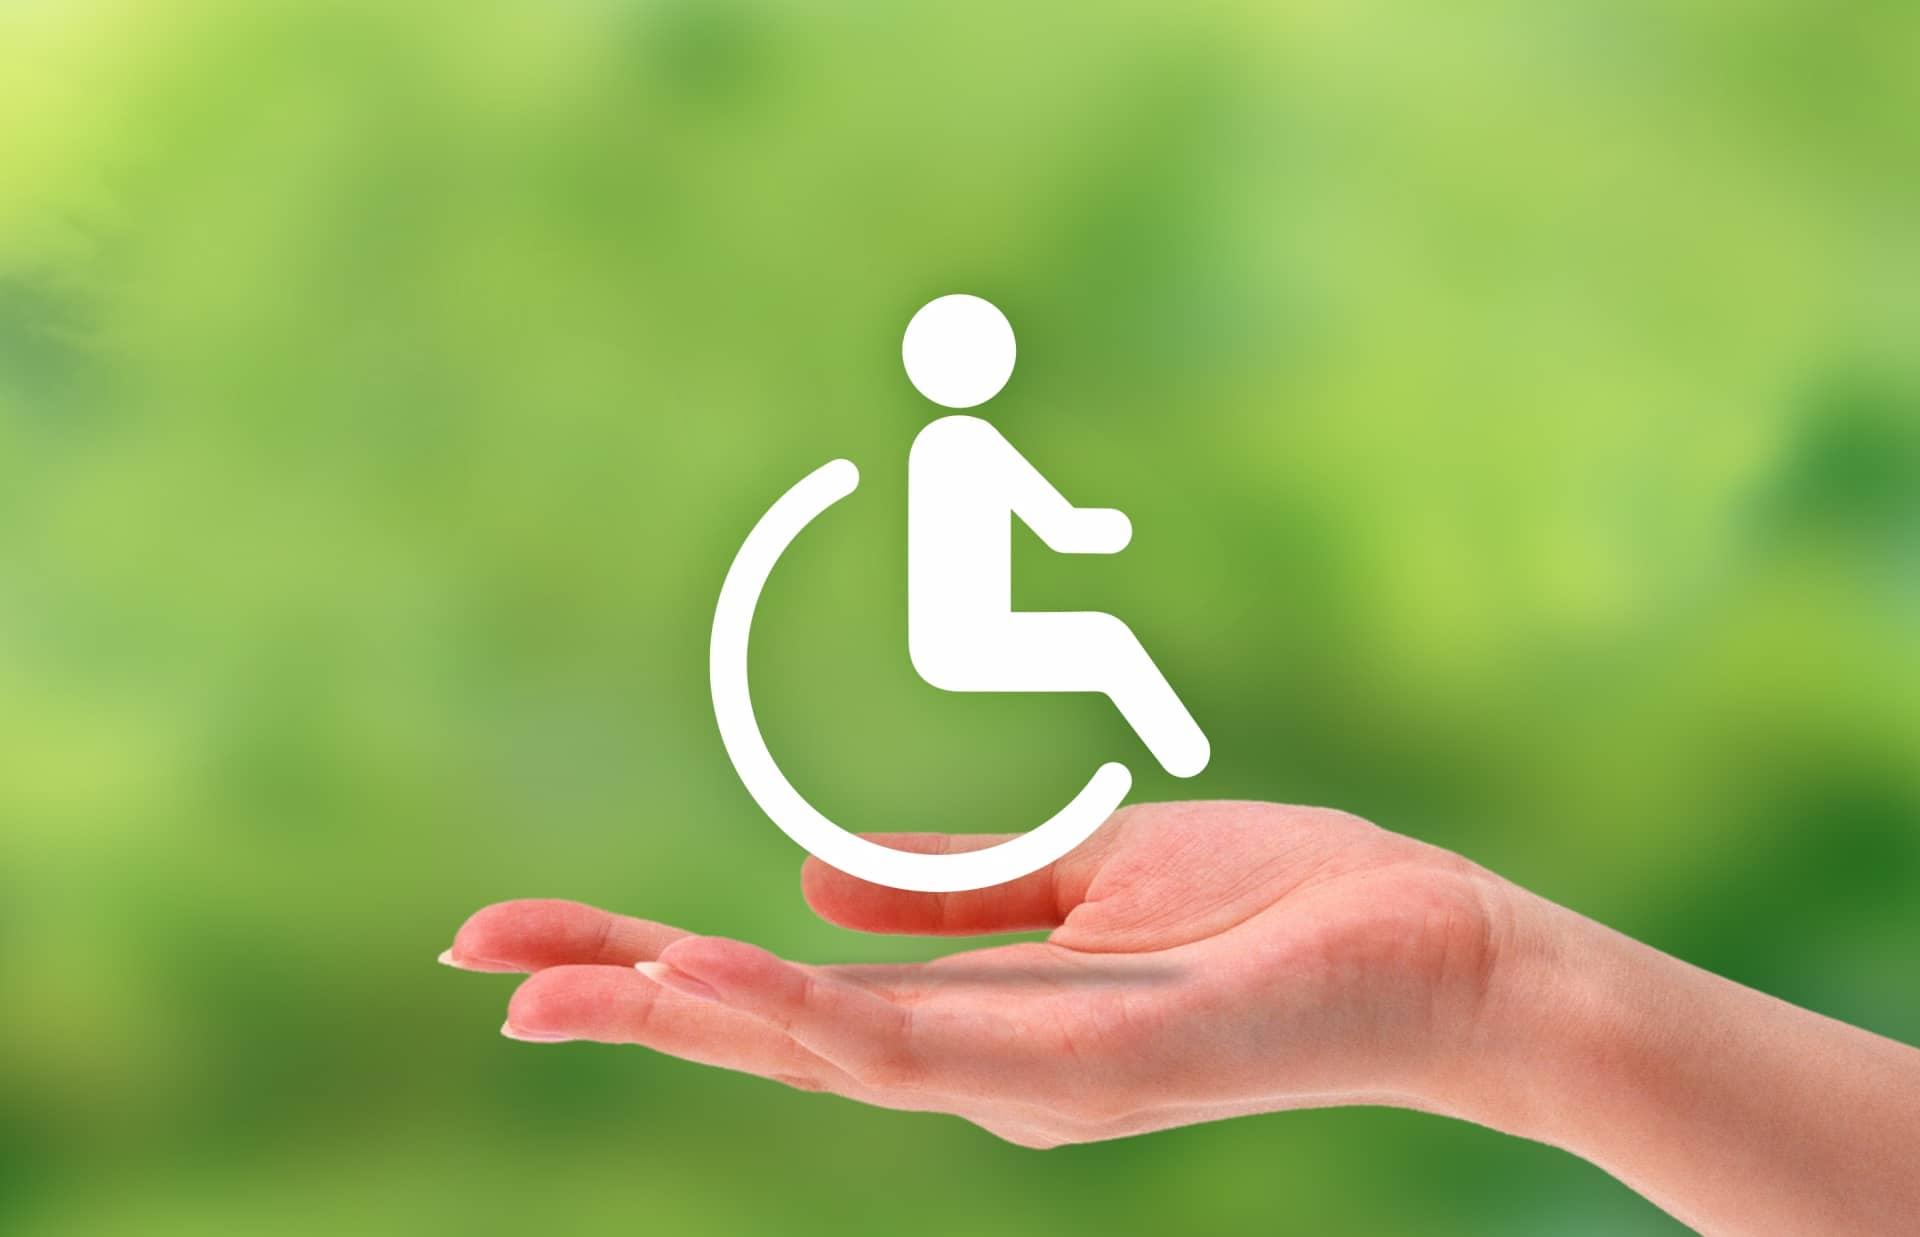 【2021年3月改正】障害者の法定雇用率を引き上げ・義務化の対象範囲も変更に!